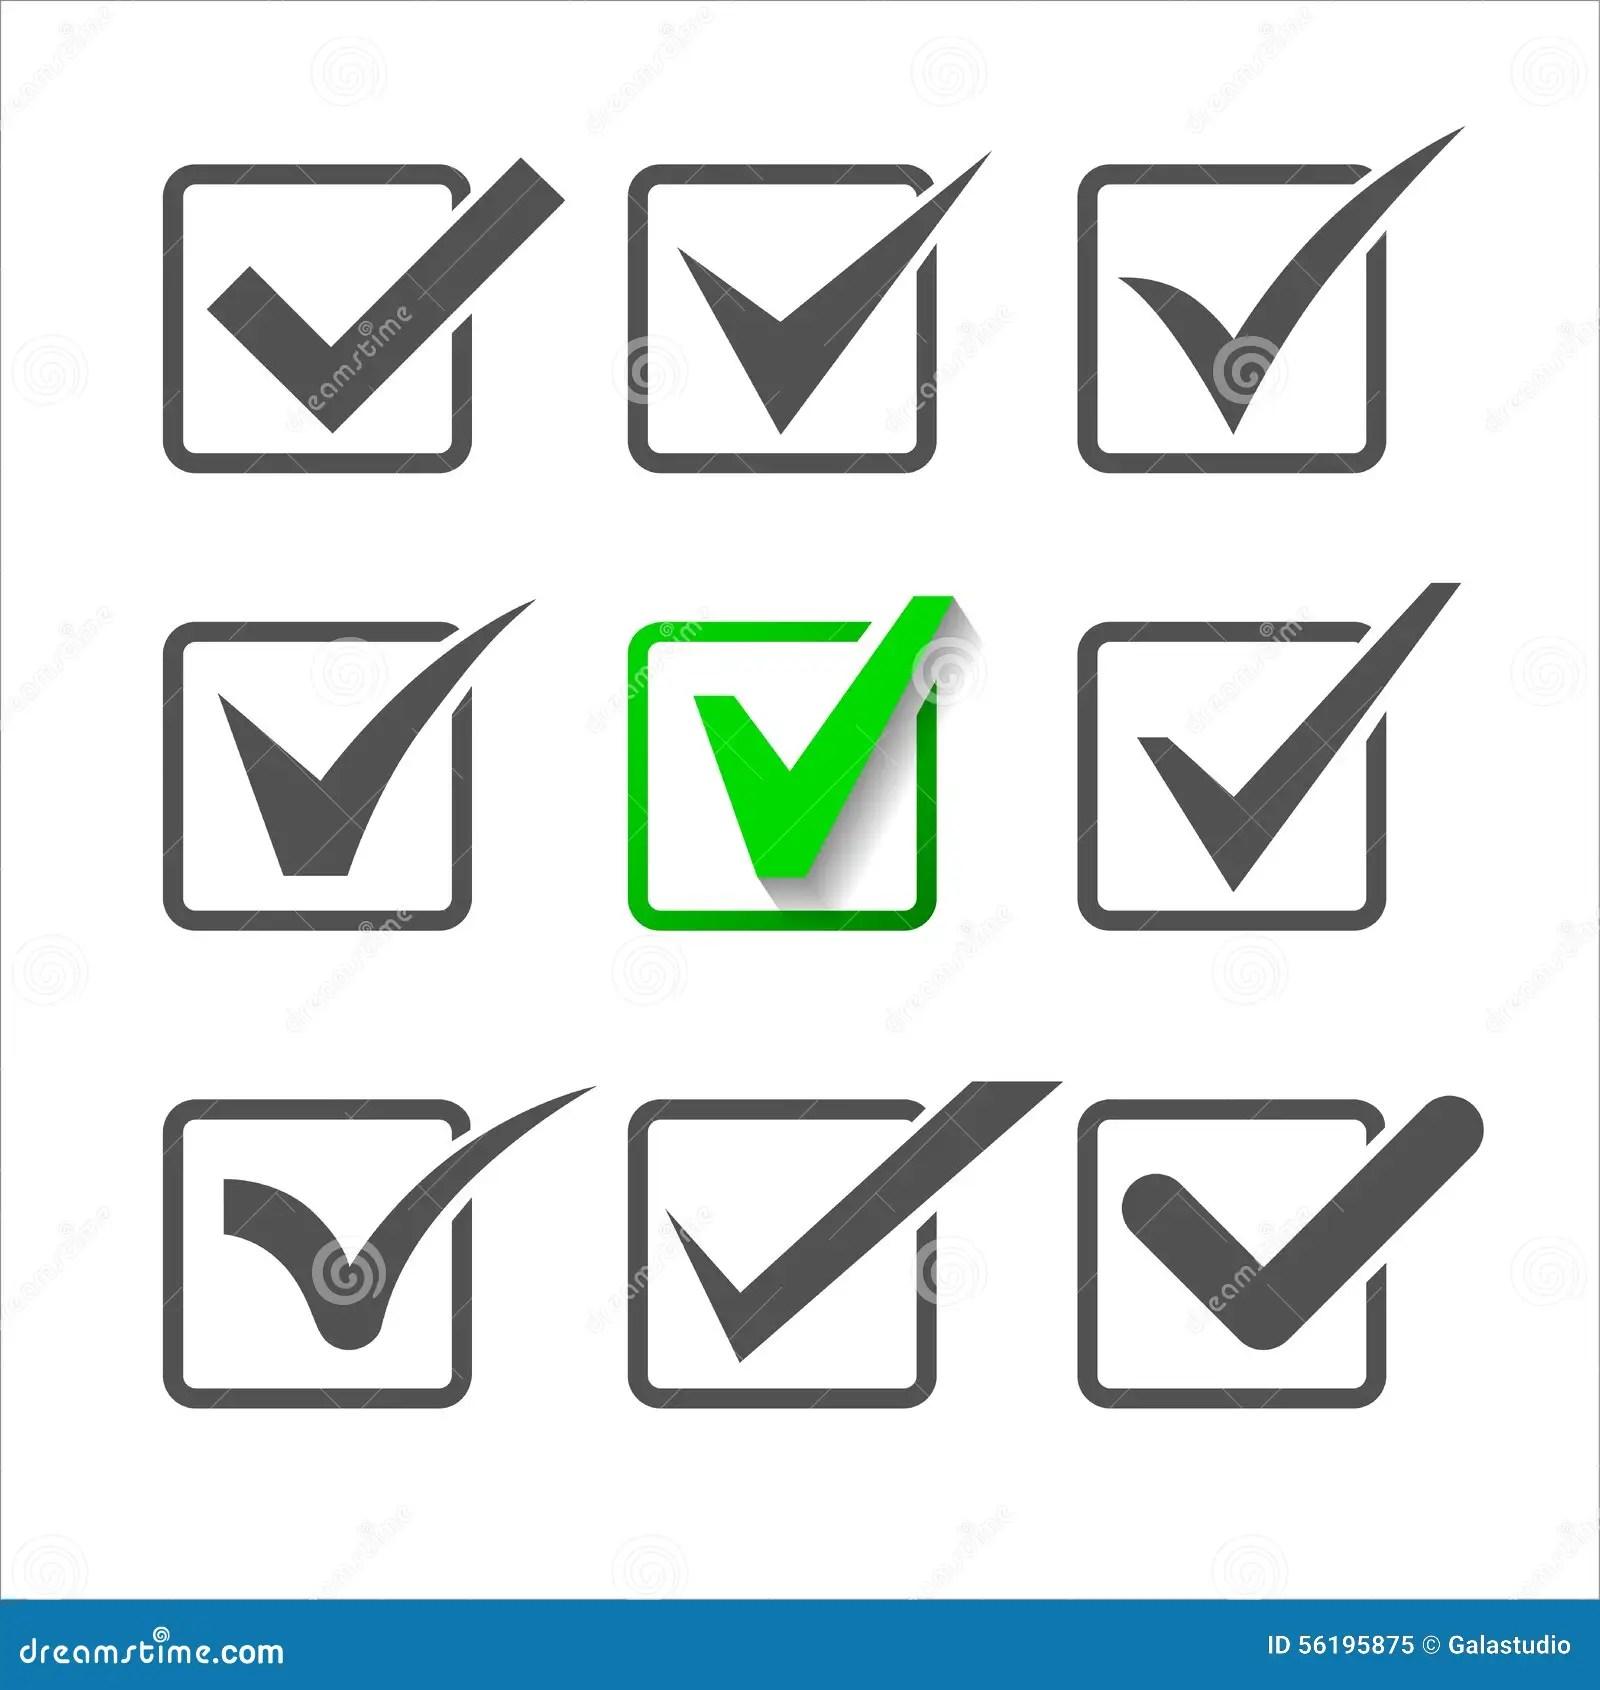 Os ícones Da Validação Ajustaram-se De Nove Marcas De